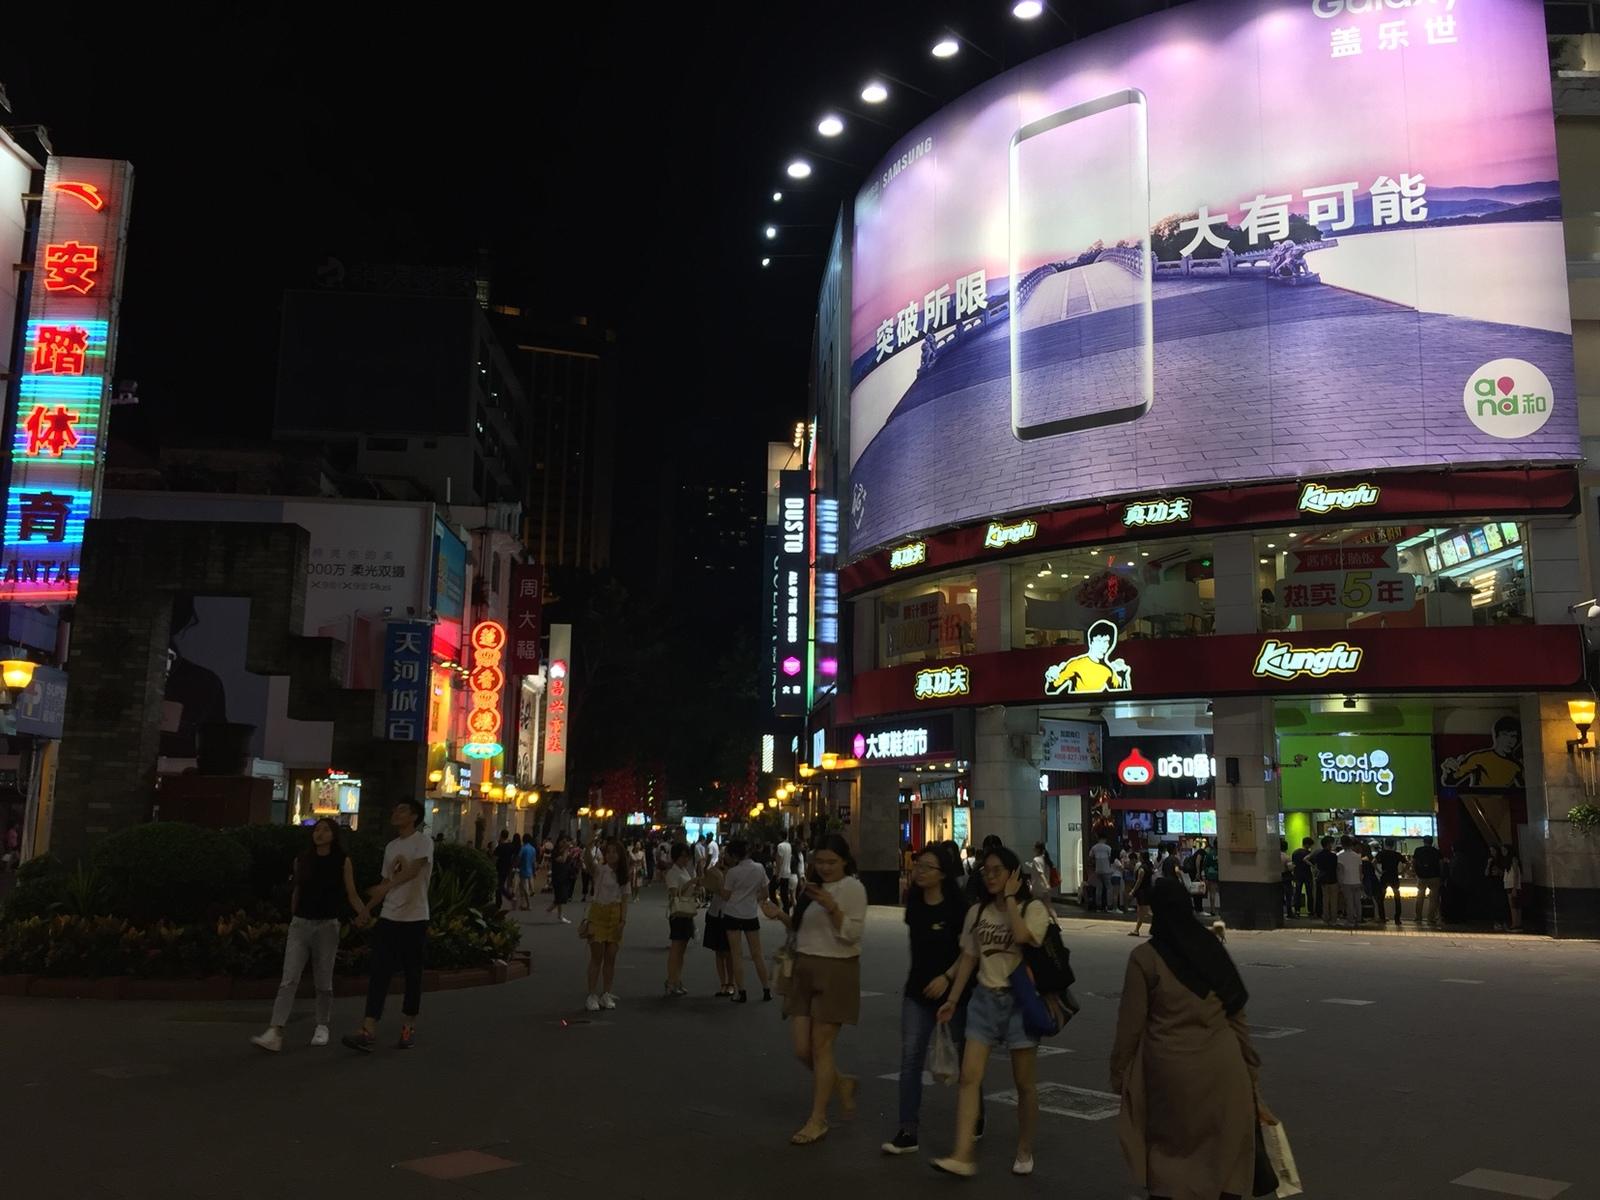 اجمل مدن العالم الصين 474167 المسافرون العرب